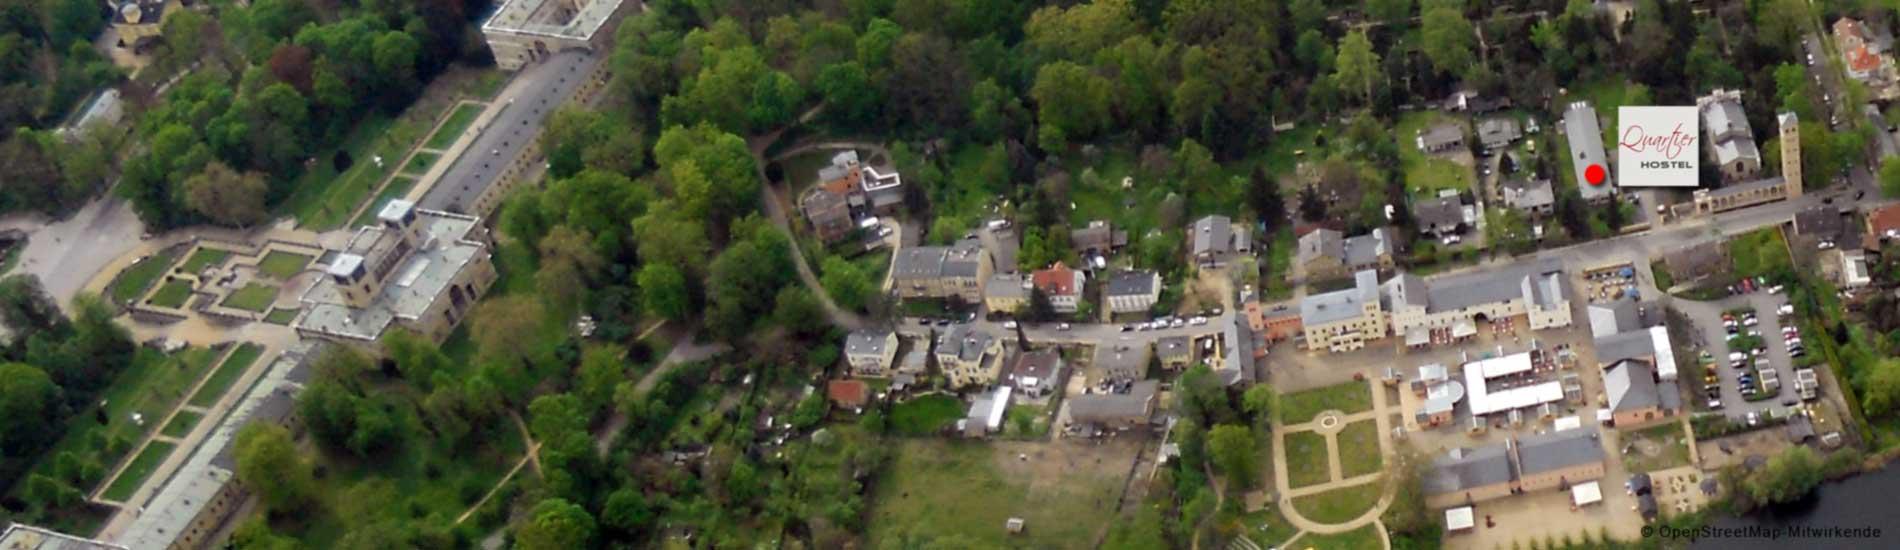 Quartier Potsdam Hostel - Luftbild 2012